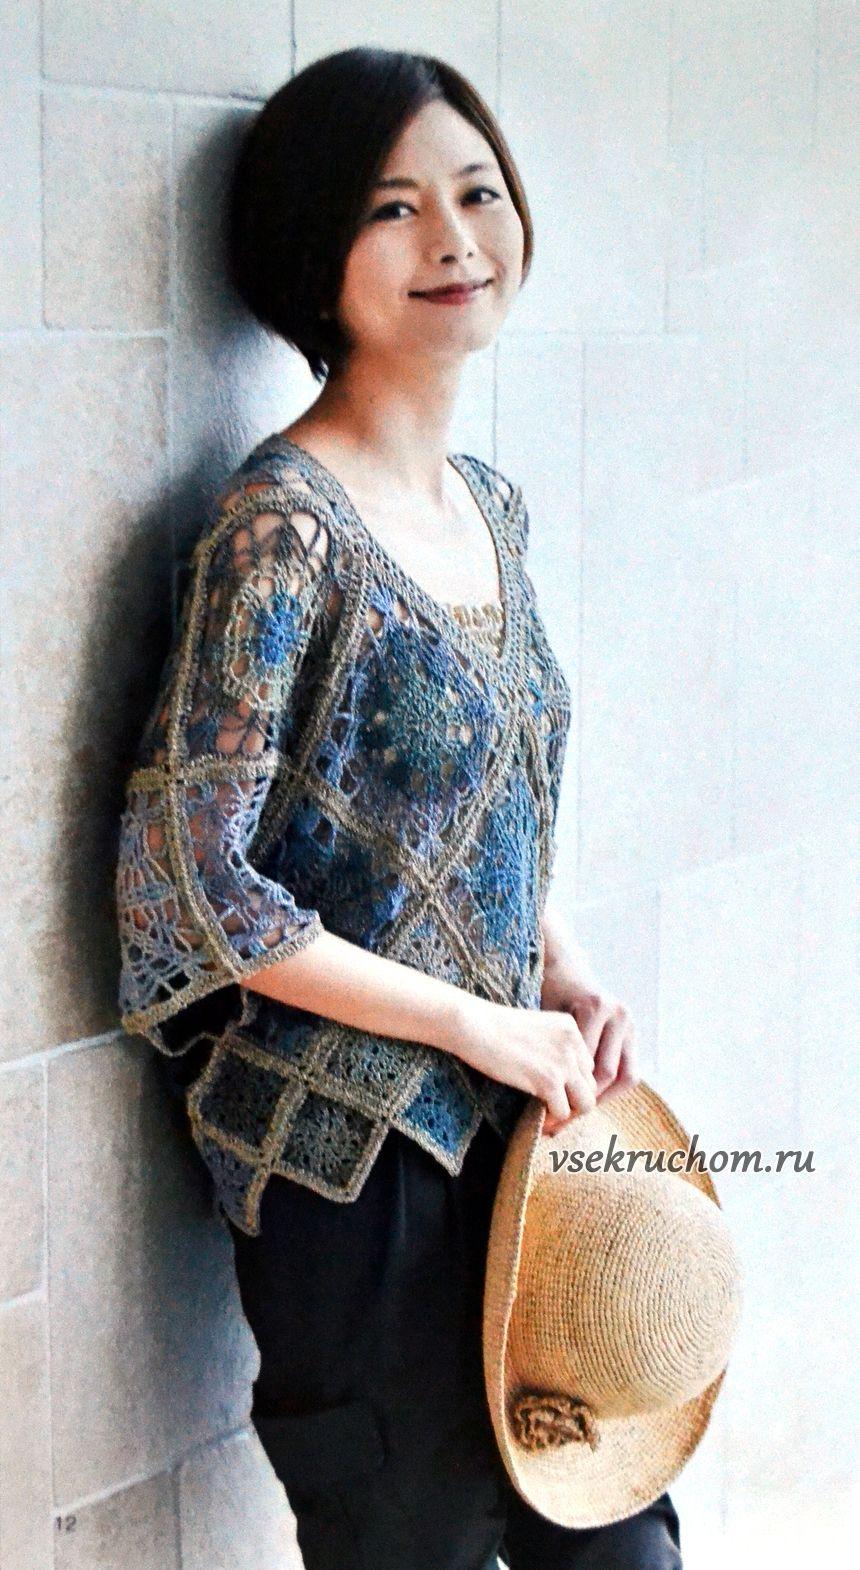 Granny square womens sweater | Crochet 4 | Pinterest | Stricken und ...